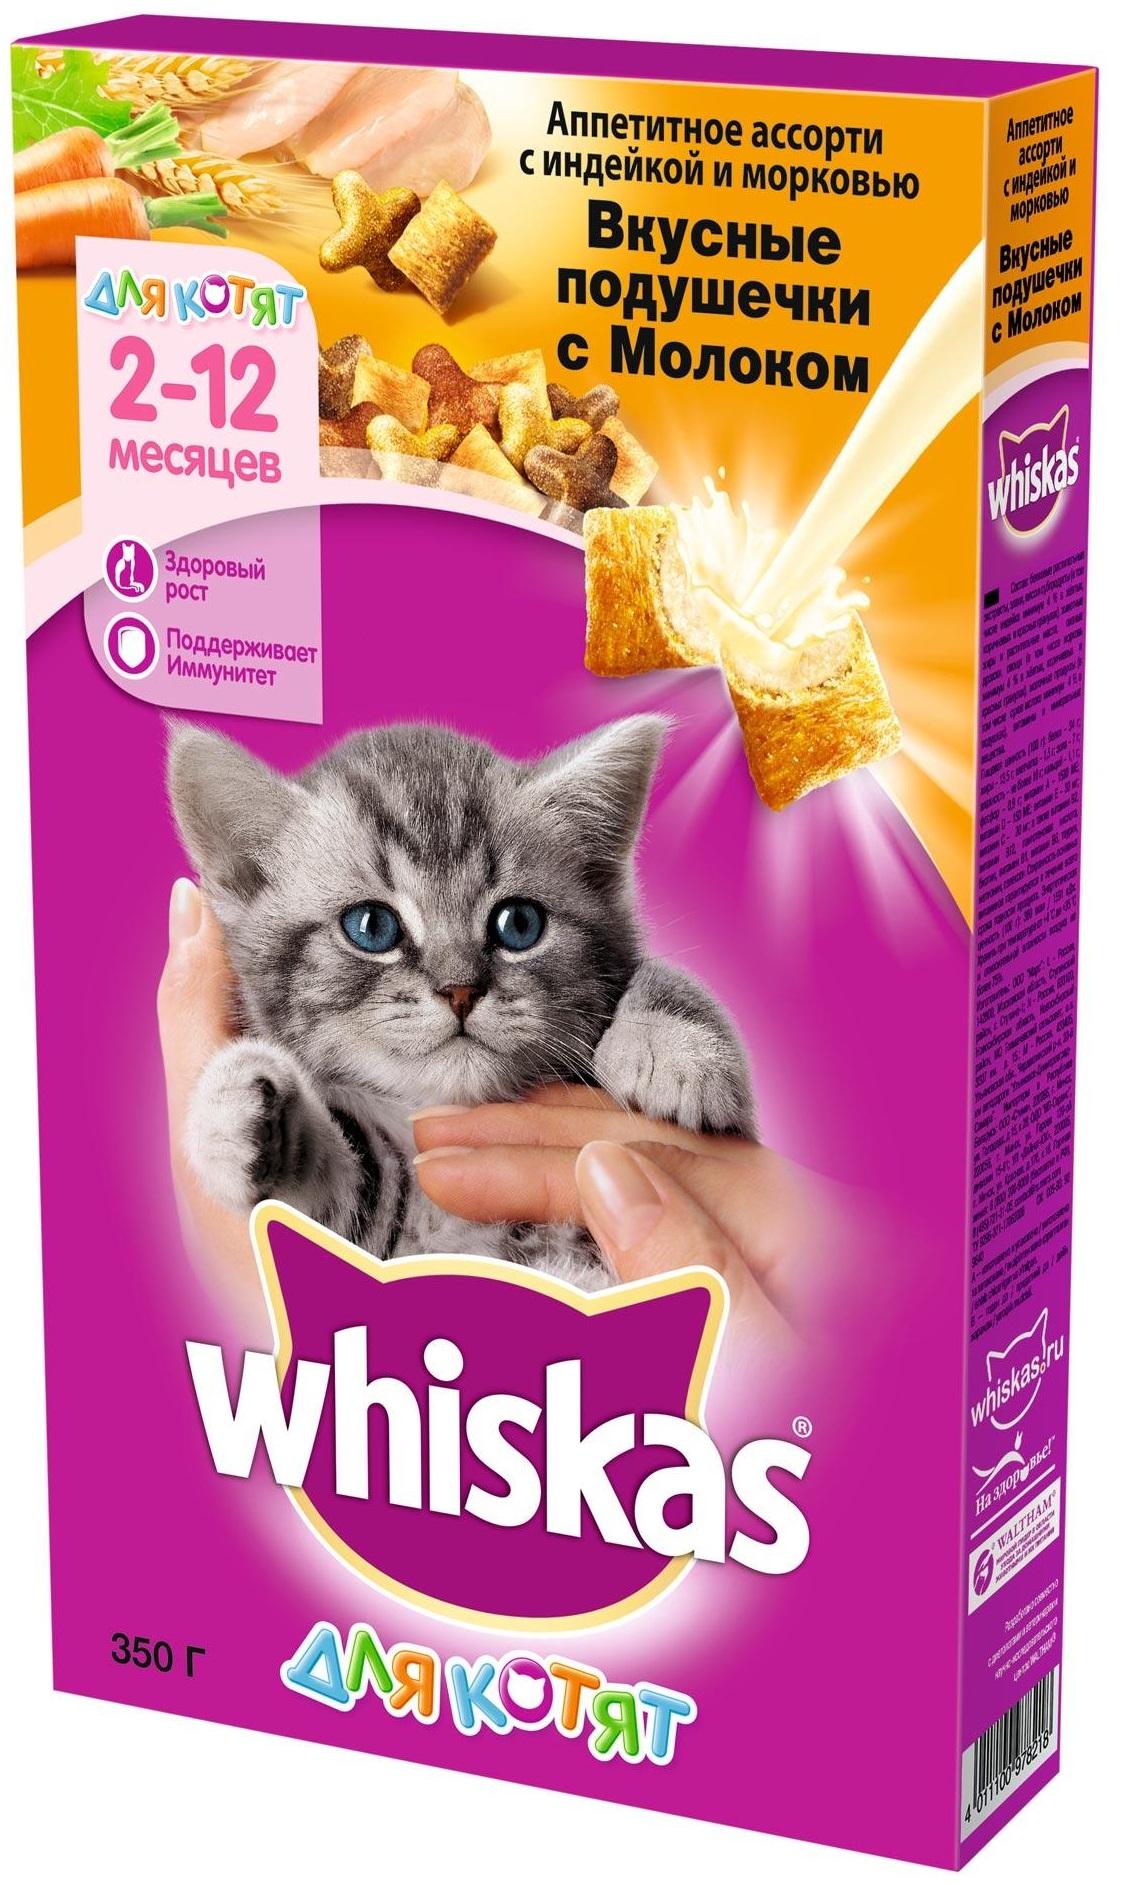 Корм сухой для котят Whiskas Вкусные подушечки, с молоком, с индейкой и морковью, 350 г0120710Вискас сухой корм для котят. Whiskas для котят создан с учетом всех особенностей развития организма котенка и полностью удовлетворяет потребности питомца в питательных веществах.Состав: белок (34 г), жир (13,5 г), клетчатка (1,5 г), зола (7 г), влажность (не более 10 г), кальций (1,1 г), фосфор (0,9 г), натрий (0,8 г), магний (0,08 г), калий (0,6 г), витамин А (1500 МЕ), витамин D (150 МЕ), витамин Е (46 мг), витамин С (20 мг), а также витамин В2, витамин В12, пантотеновая кислота, биотин, витамин В1, витамин В6, фолиевая кислота, таурин, метионин.селексен. Ингредиенты: злаки, белковые растительные экстракты, мясо и субпродукты (в т.ч. индейка, мин.4% в желтых, красных и коричневых гранулах) животные жиры и растительные масла, пивные дрожжи, овощи (в том числе морковь мин.4% в желтых, коричневых и красных гранулах), витамины и минеральные вещества.Товар сертифицирован.